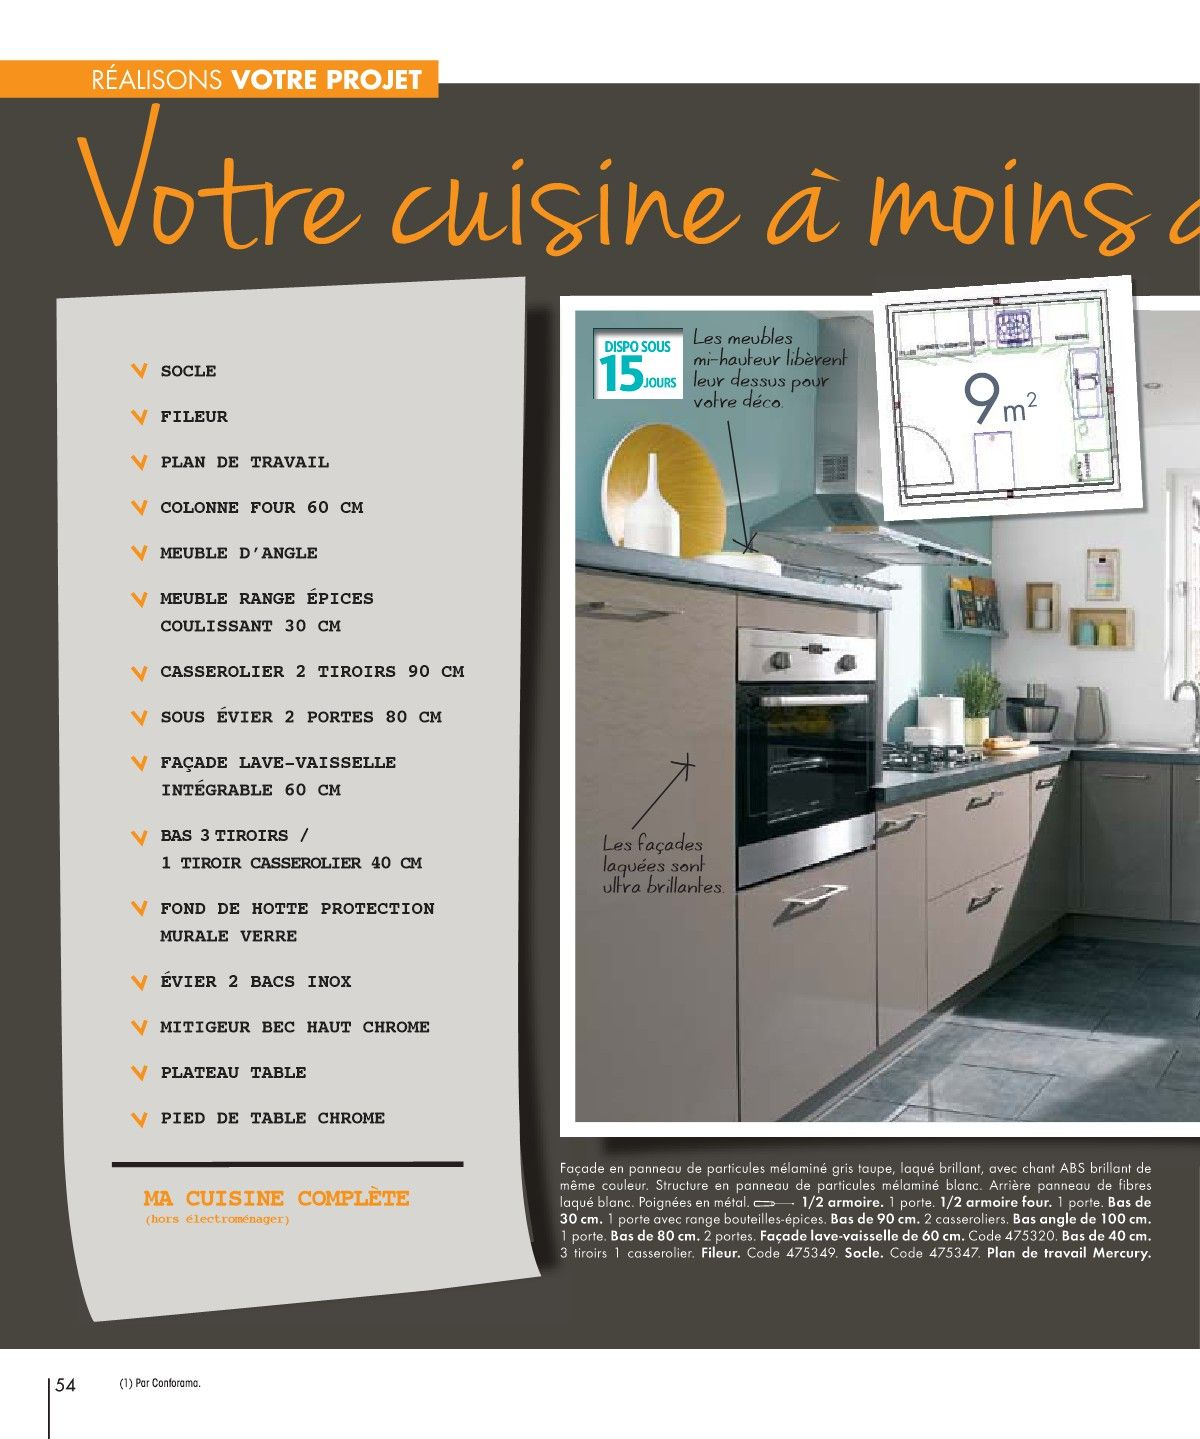 Guide Cuisines Avec Images Cuisine Conforama Cuisine Colonne Four